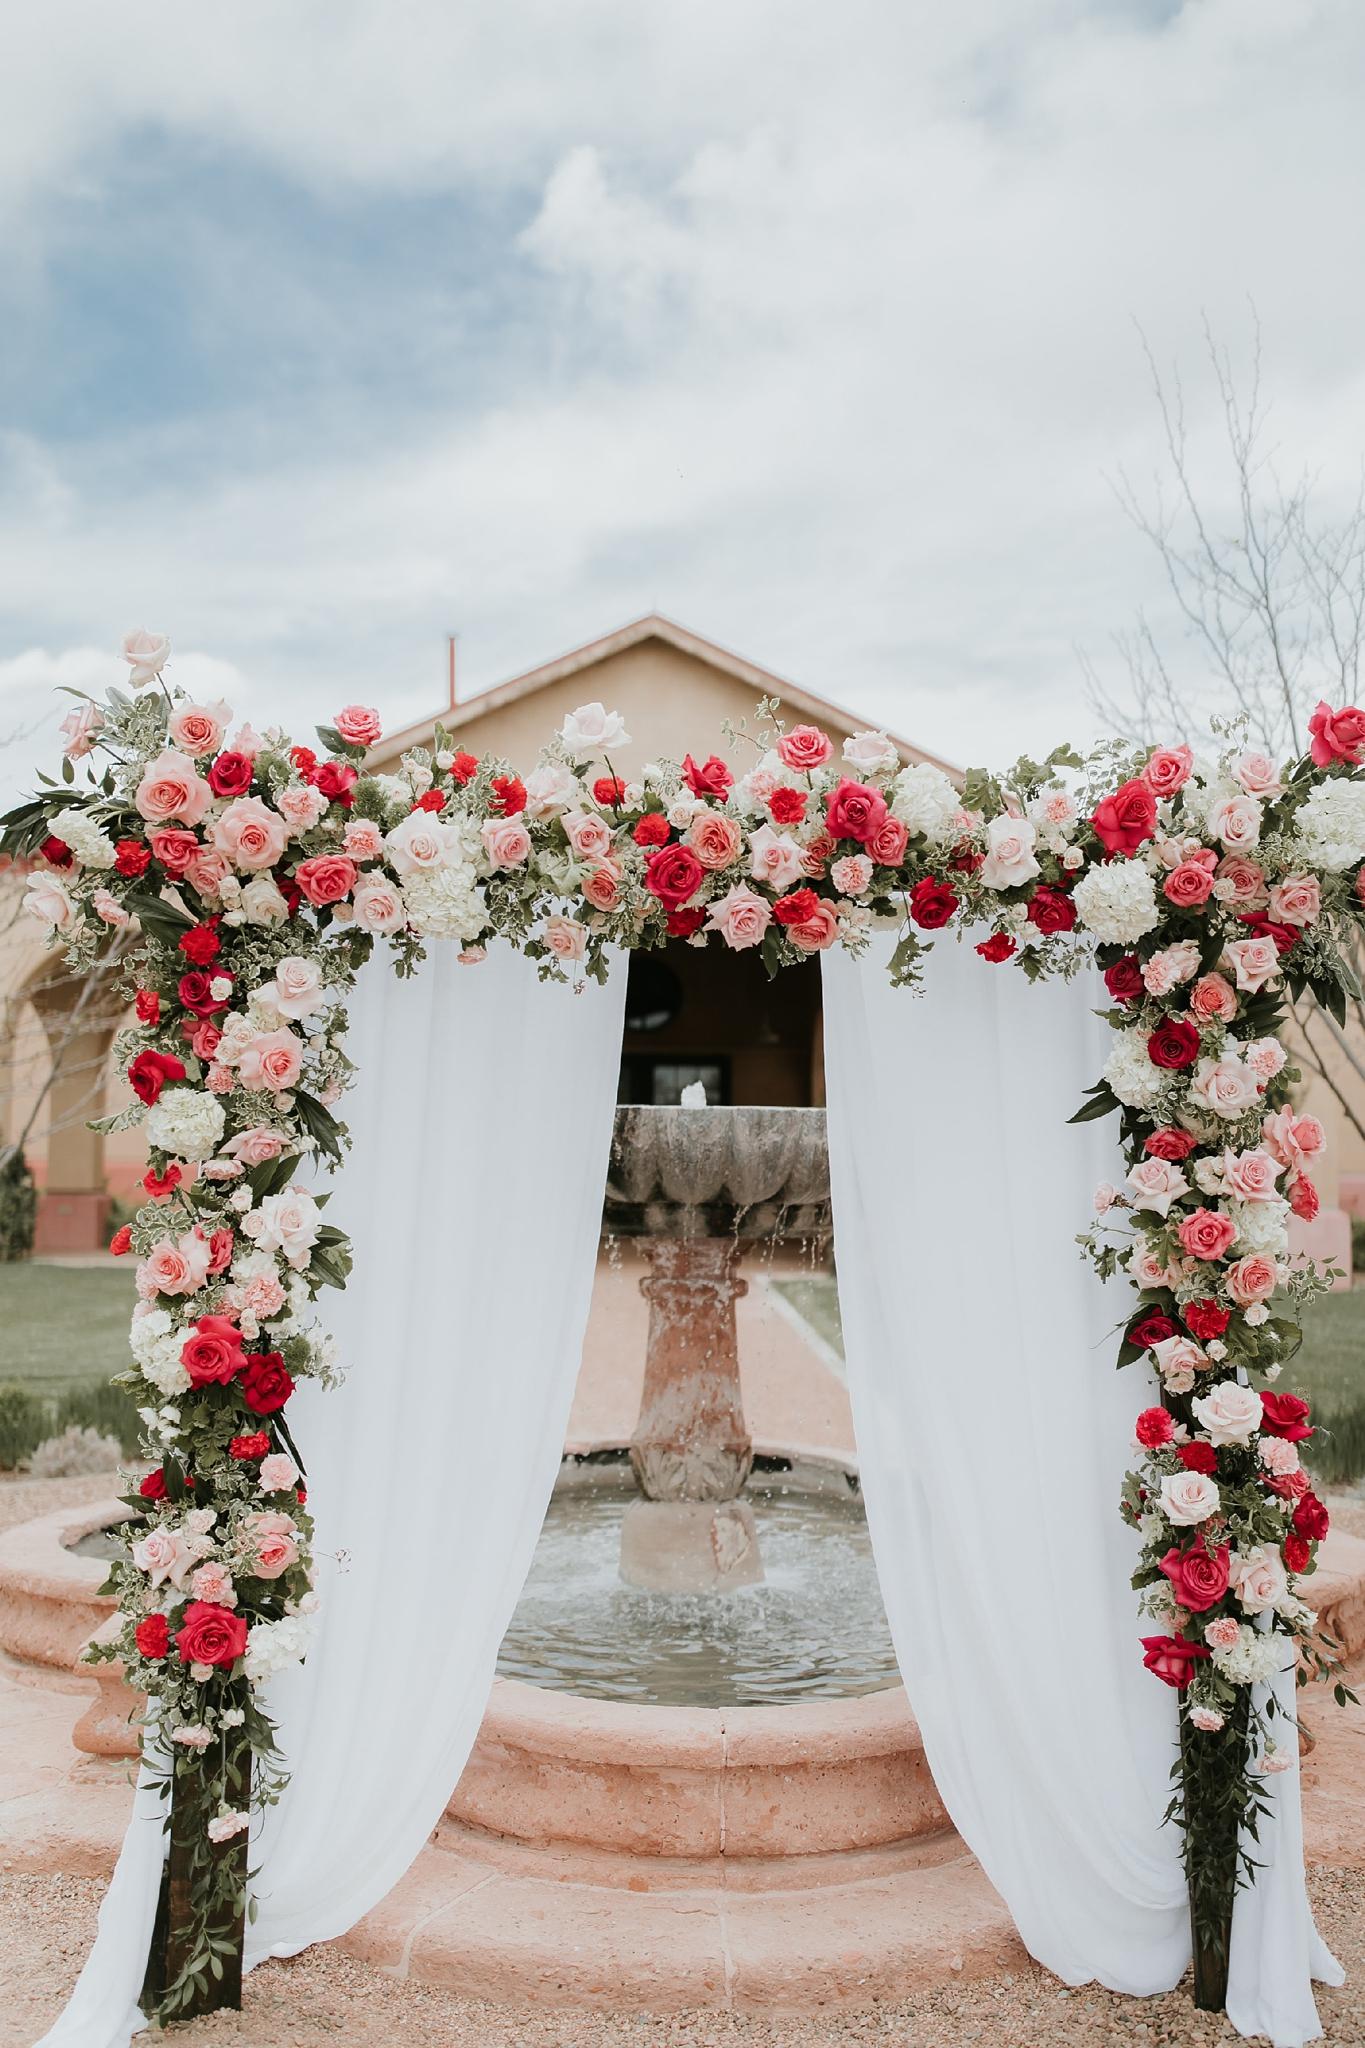 Alicia+lucia+photography+-+albuquerque+wedding+photographer+-+santa+fe+wedding+photography+-+new+mexico+wedding+photographer+-+wedding+ceremony+-+wedding+alter+-+floral+alter_0061.jpg